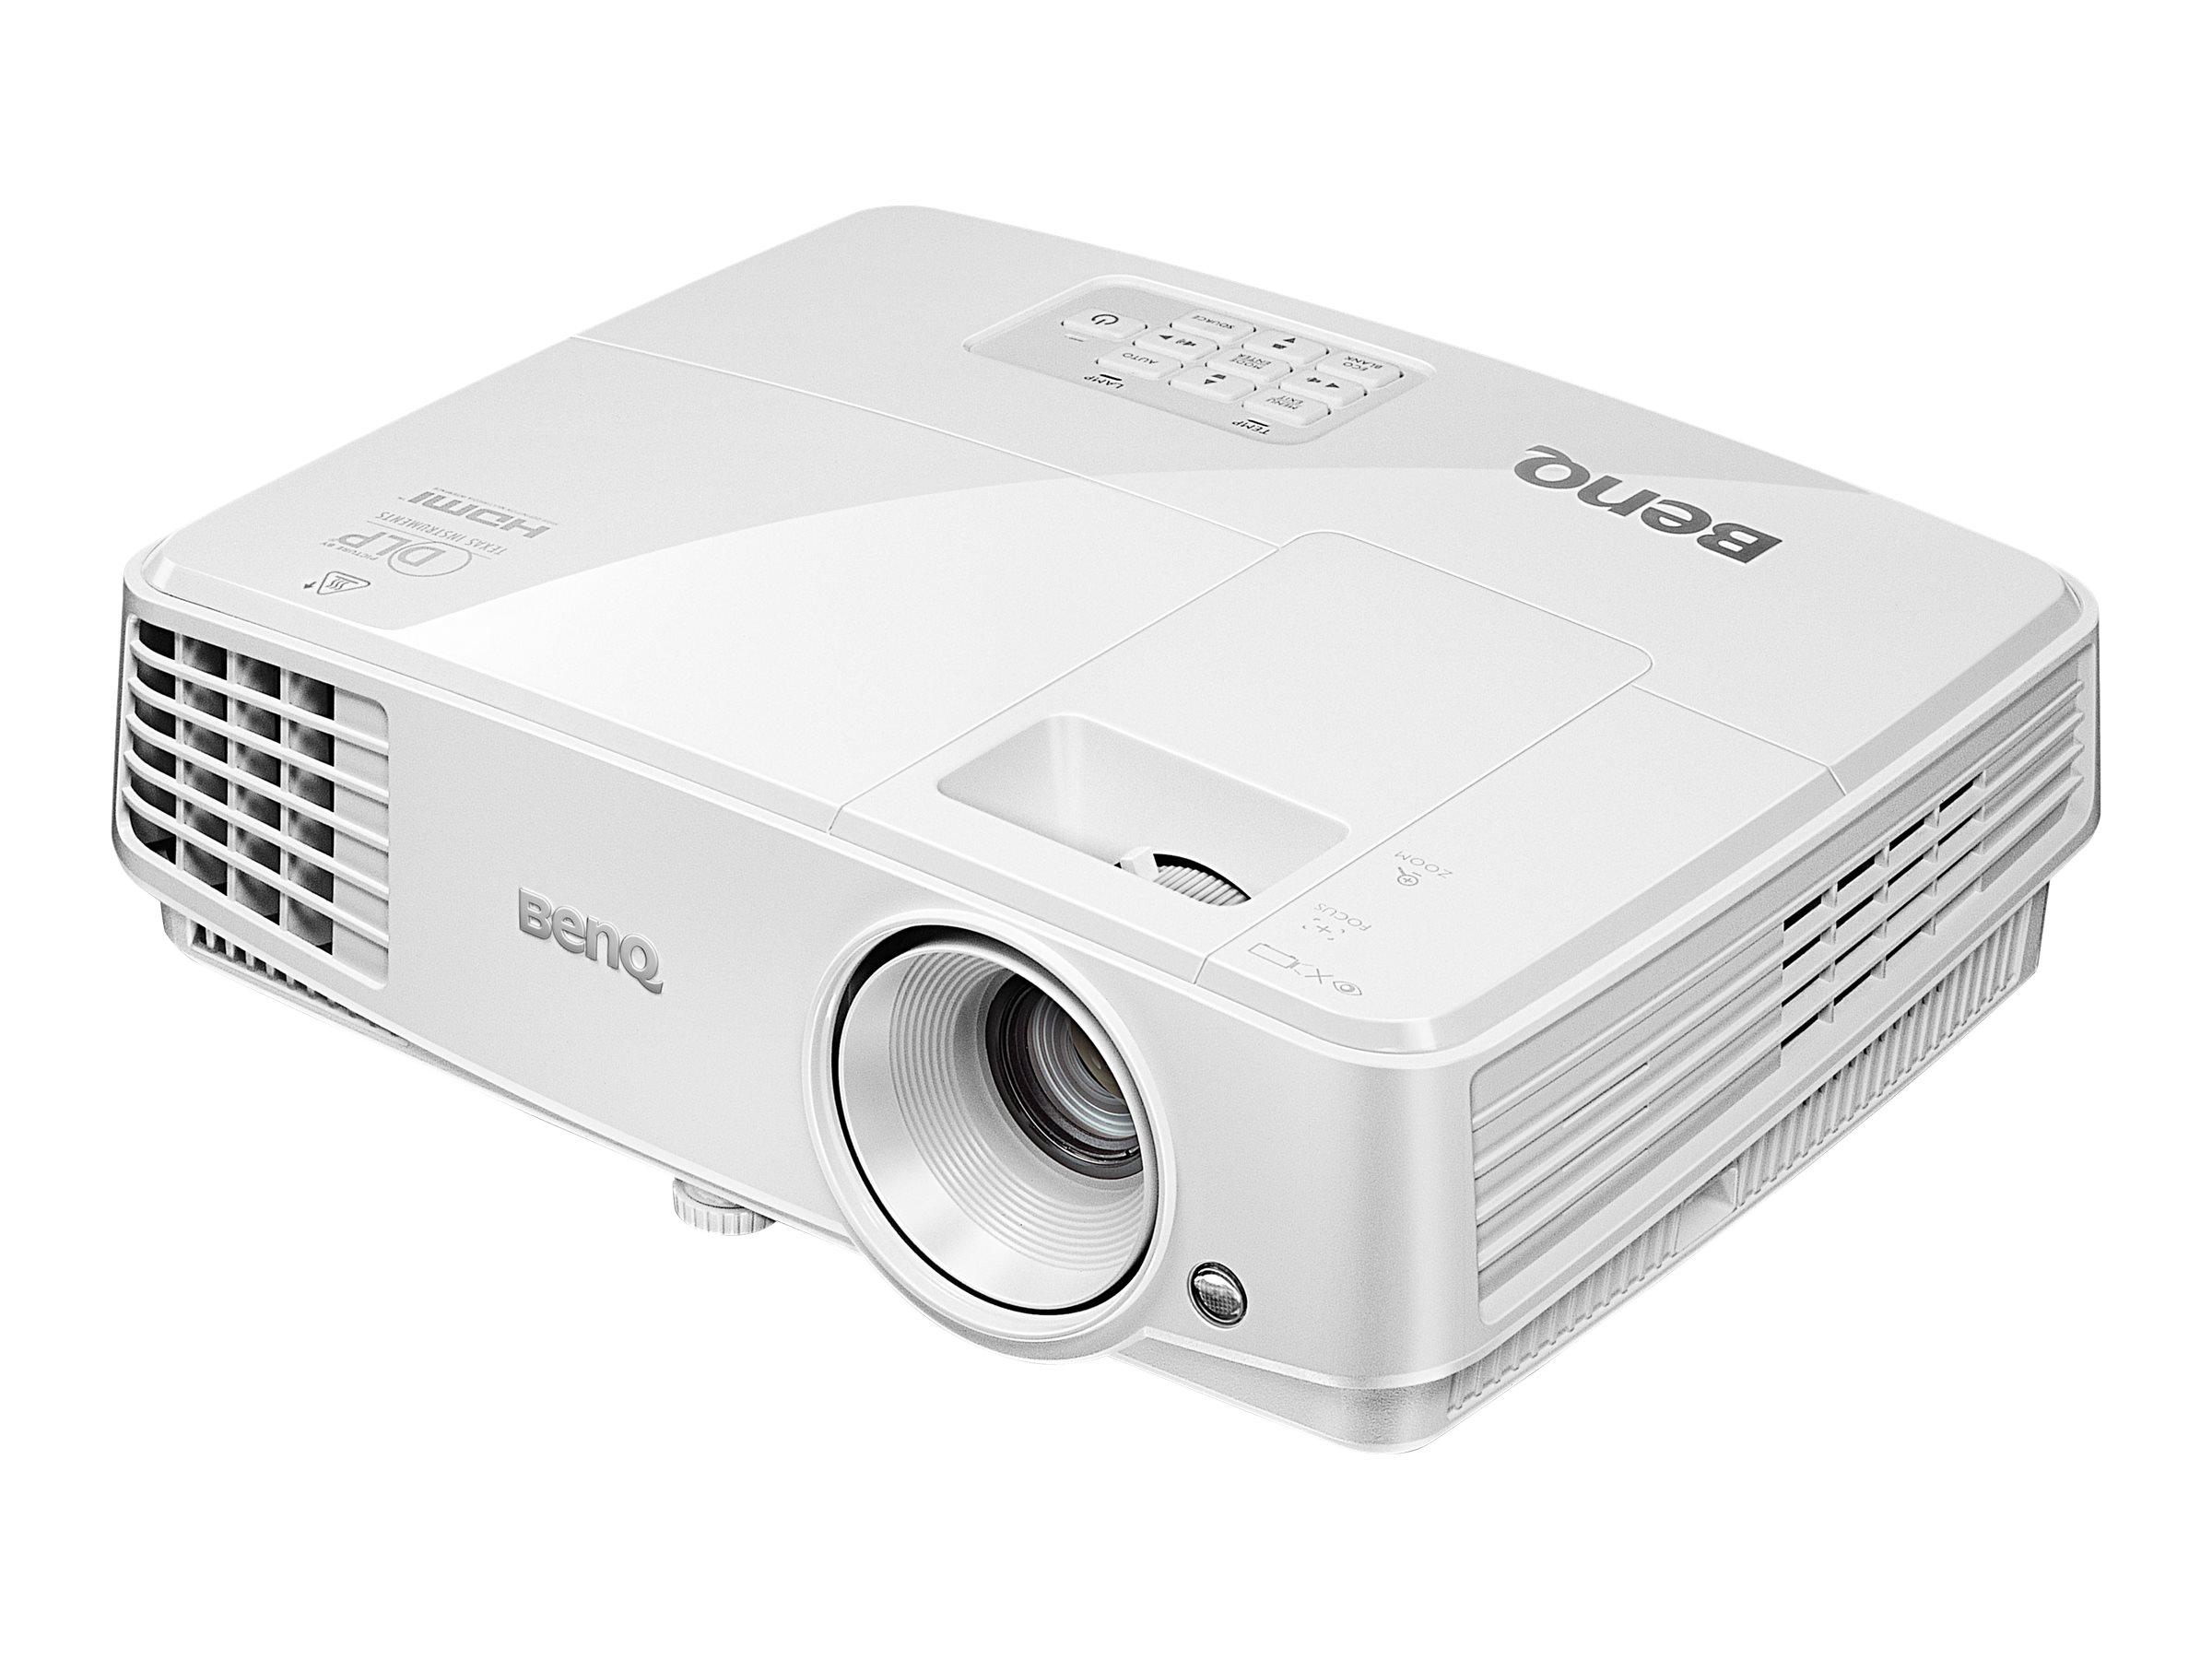 ec5b8b2a1eb DCS - DLP Projektor - BenQ MW571 DLP-projektor WXGA VGA HDMI Composite  video S-Video